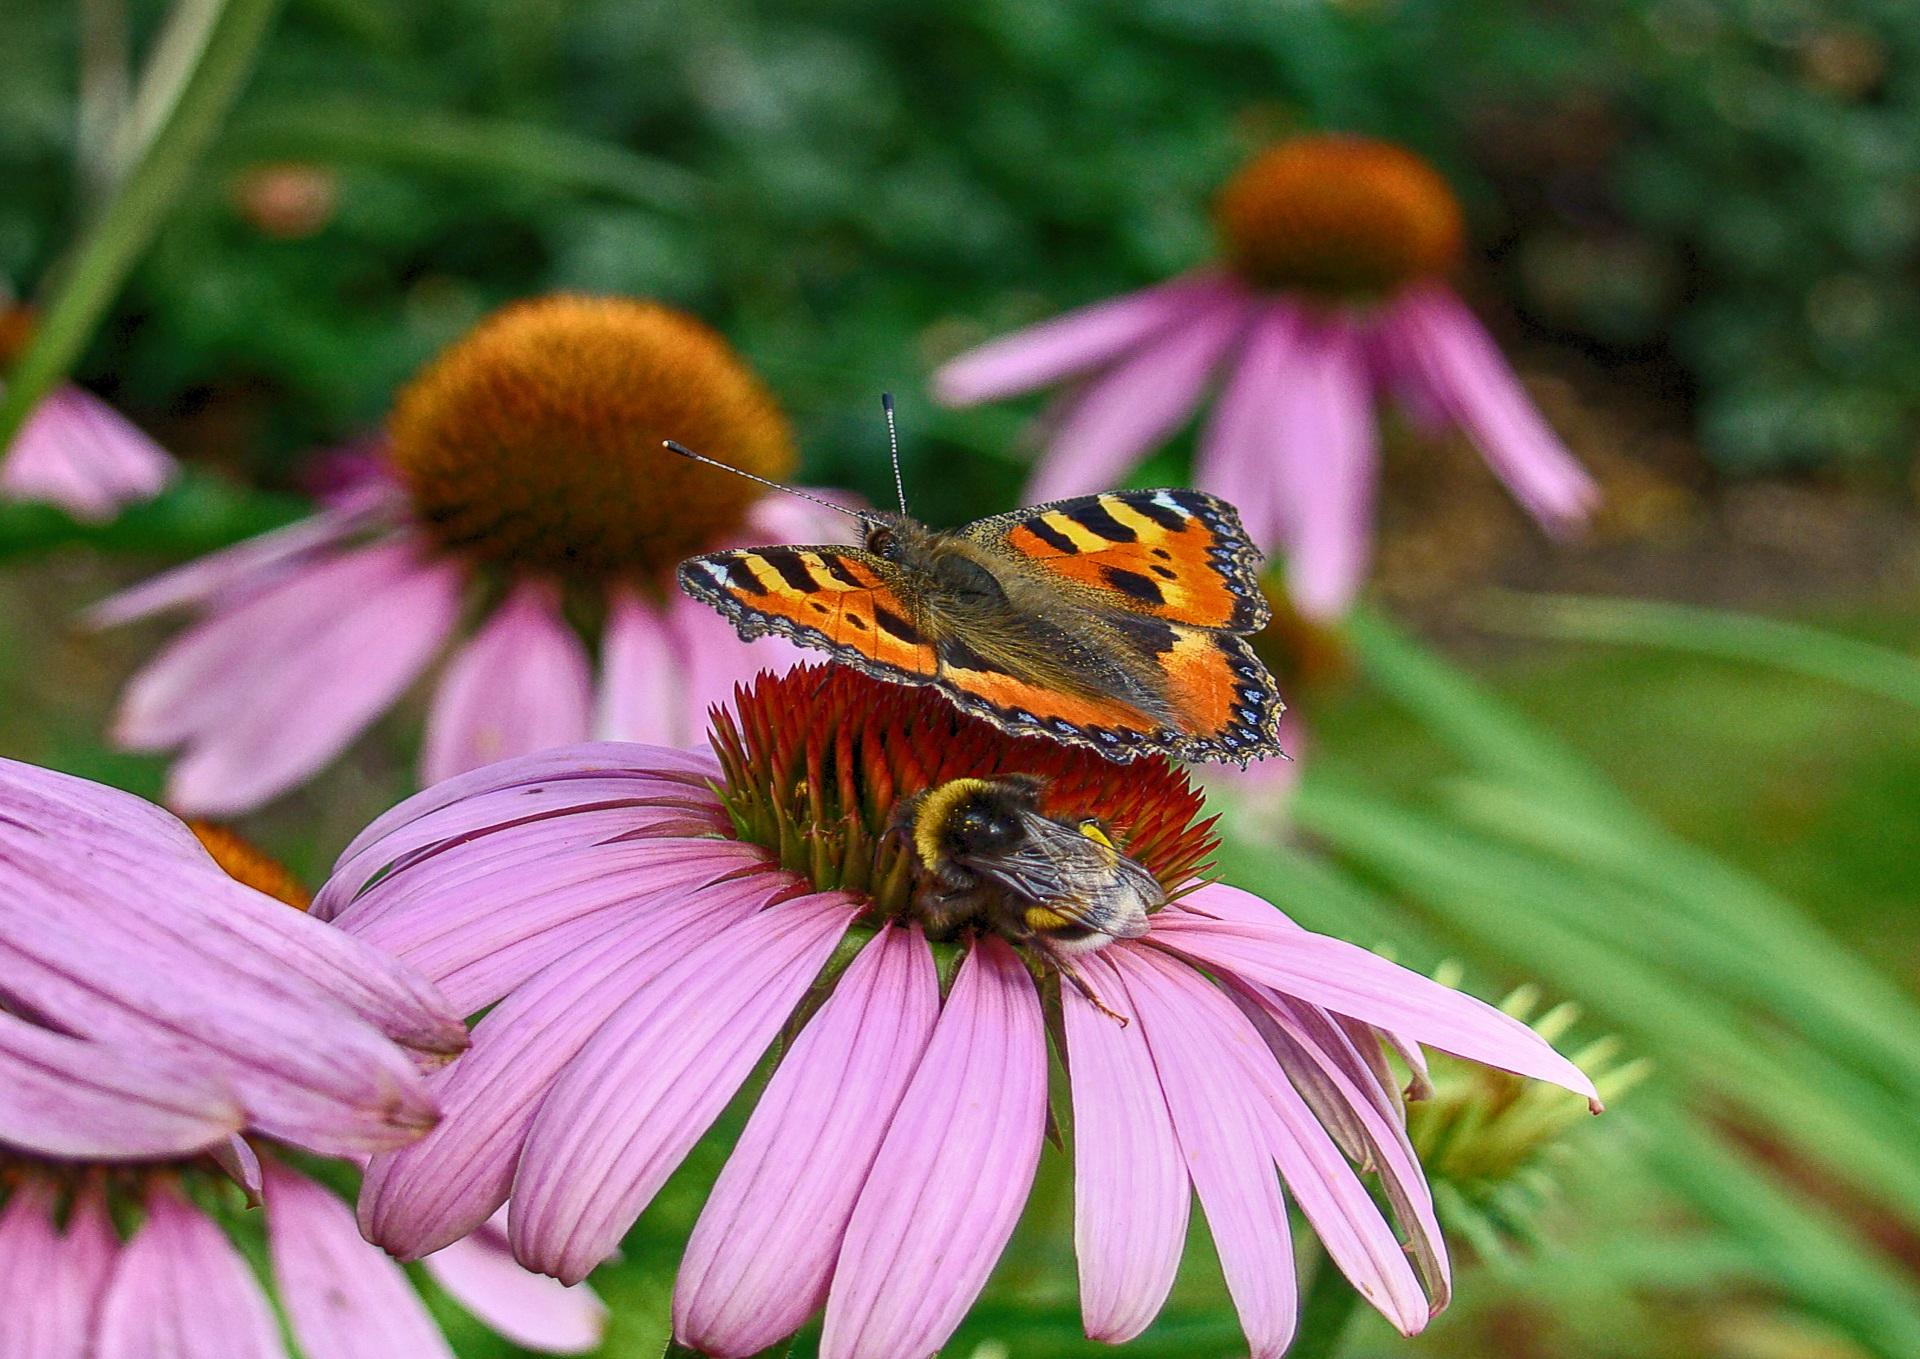 Lezing bij- en insectvriendelijke tuin, Zoetermeer